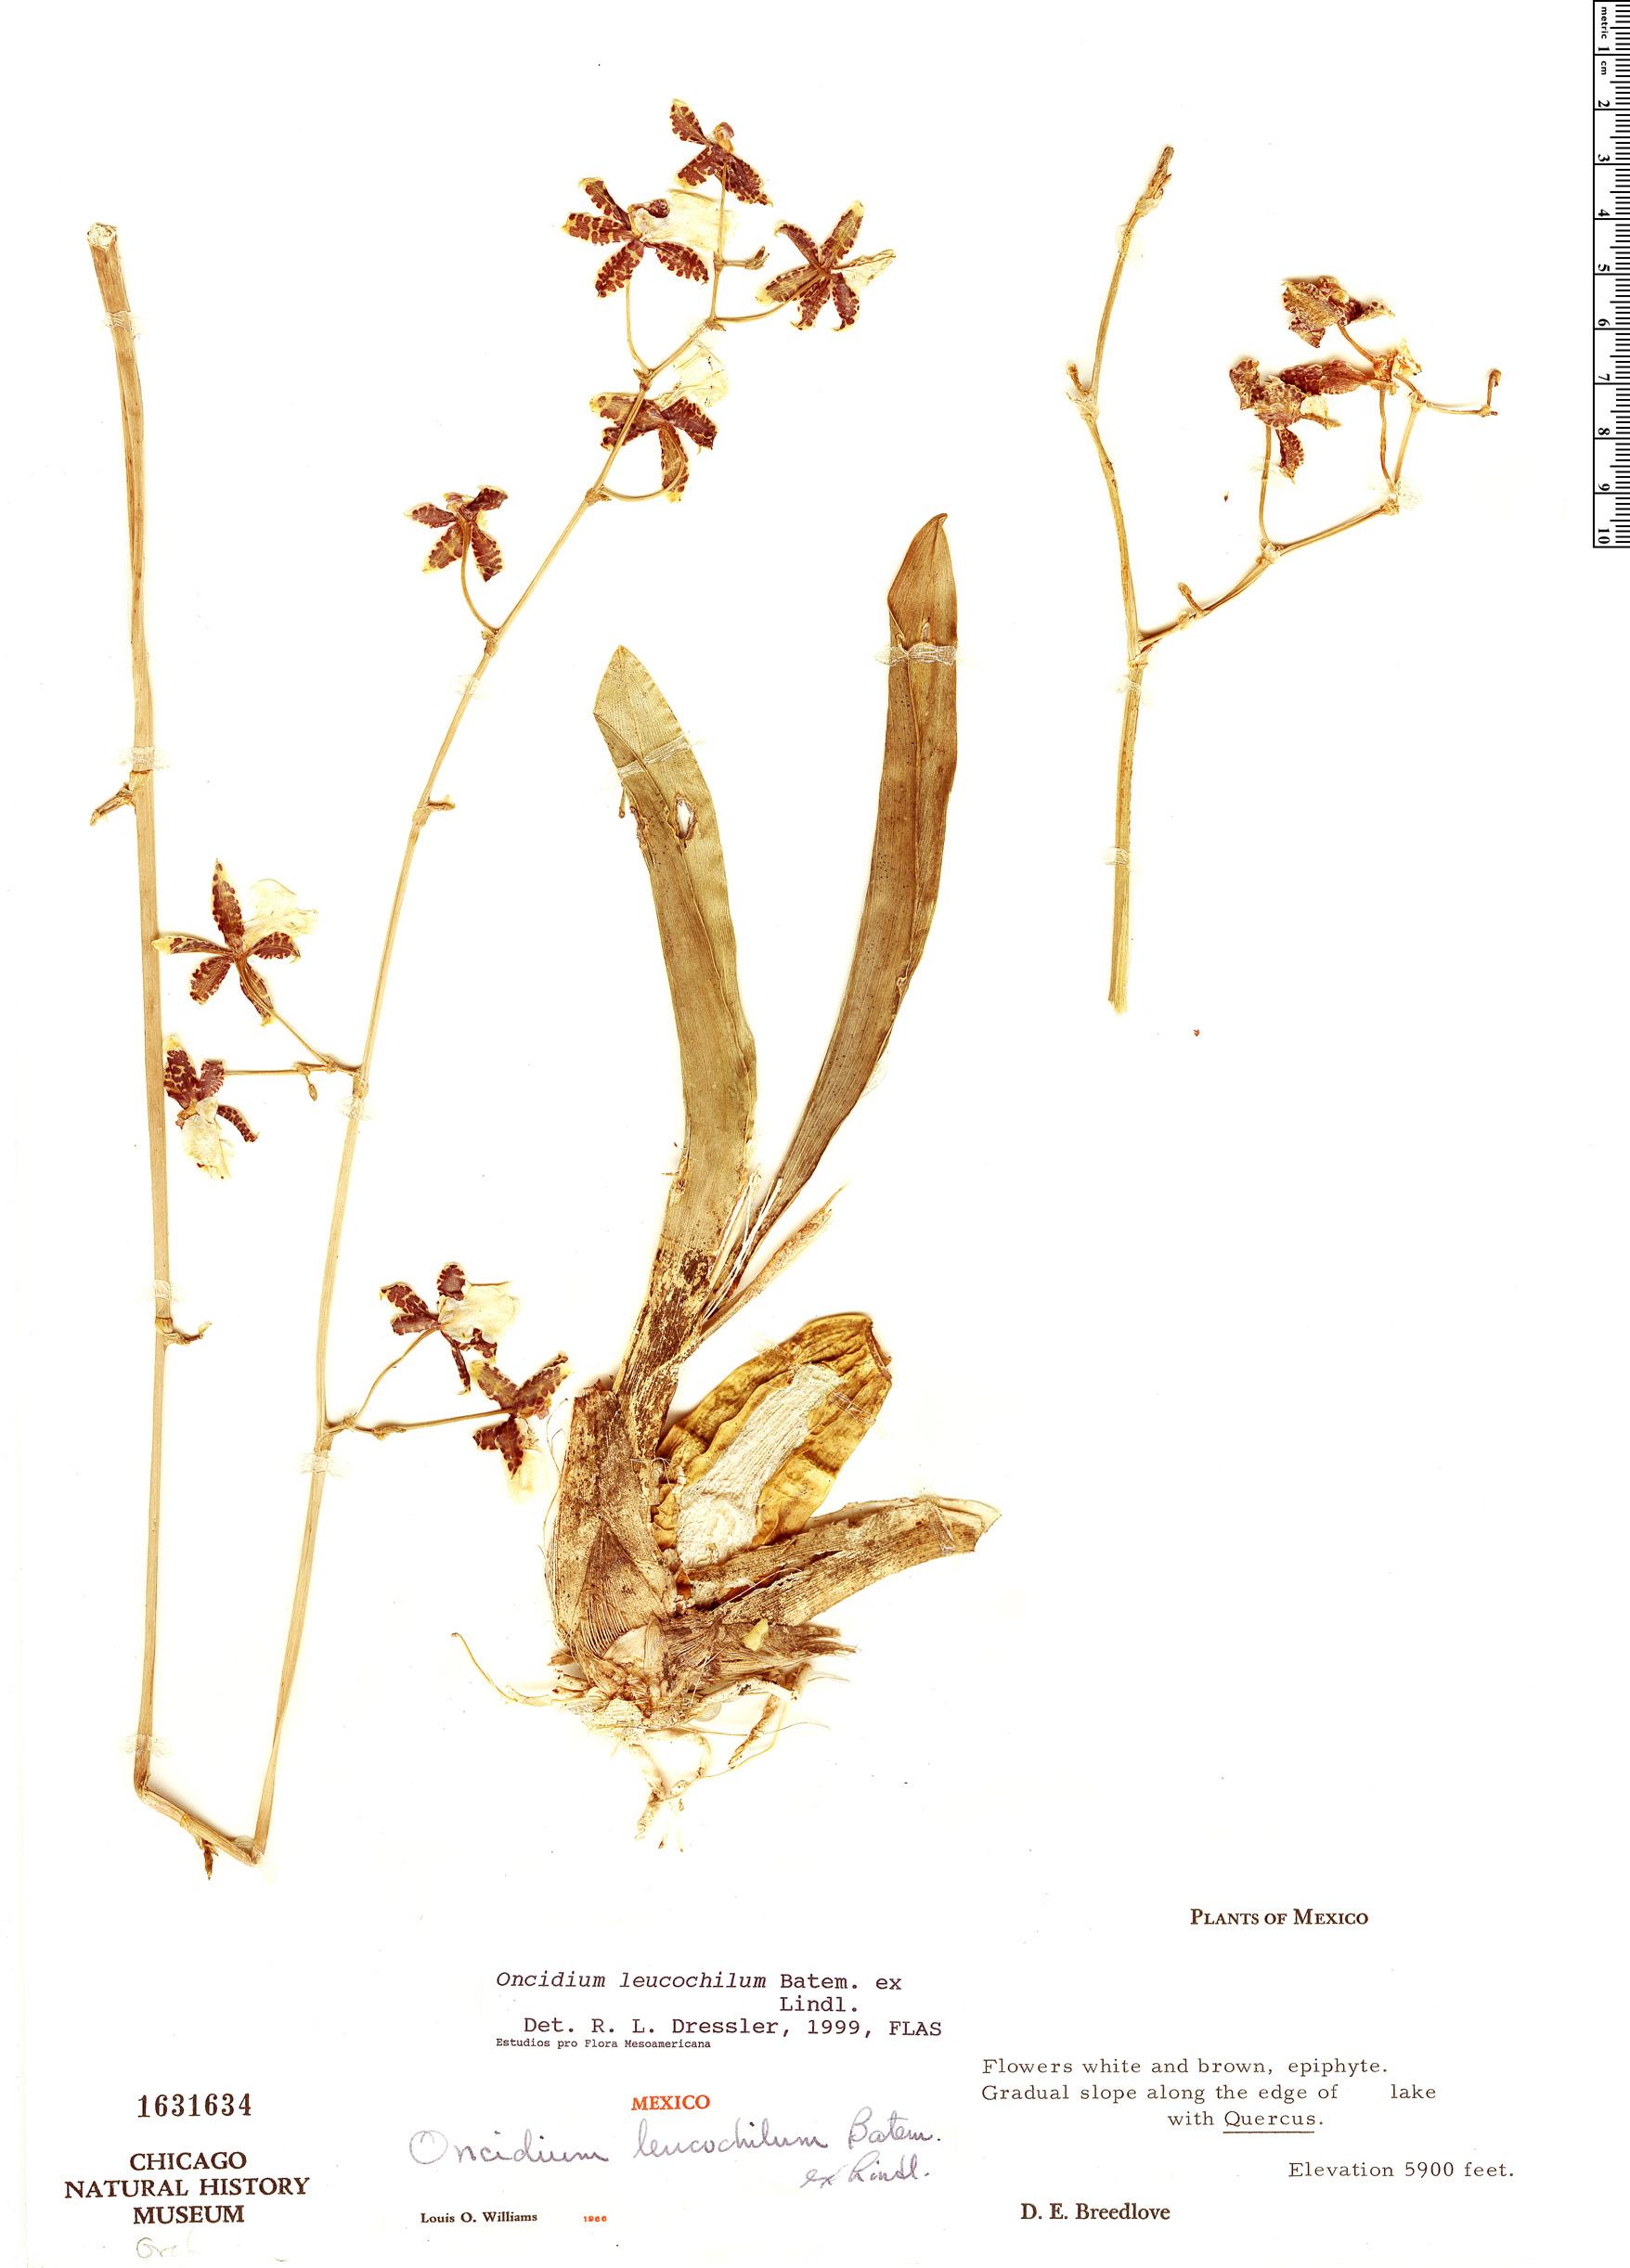 Specimen: Oncidium leucochilum